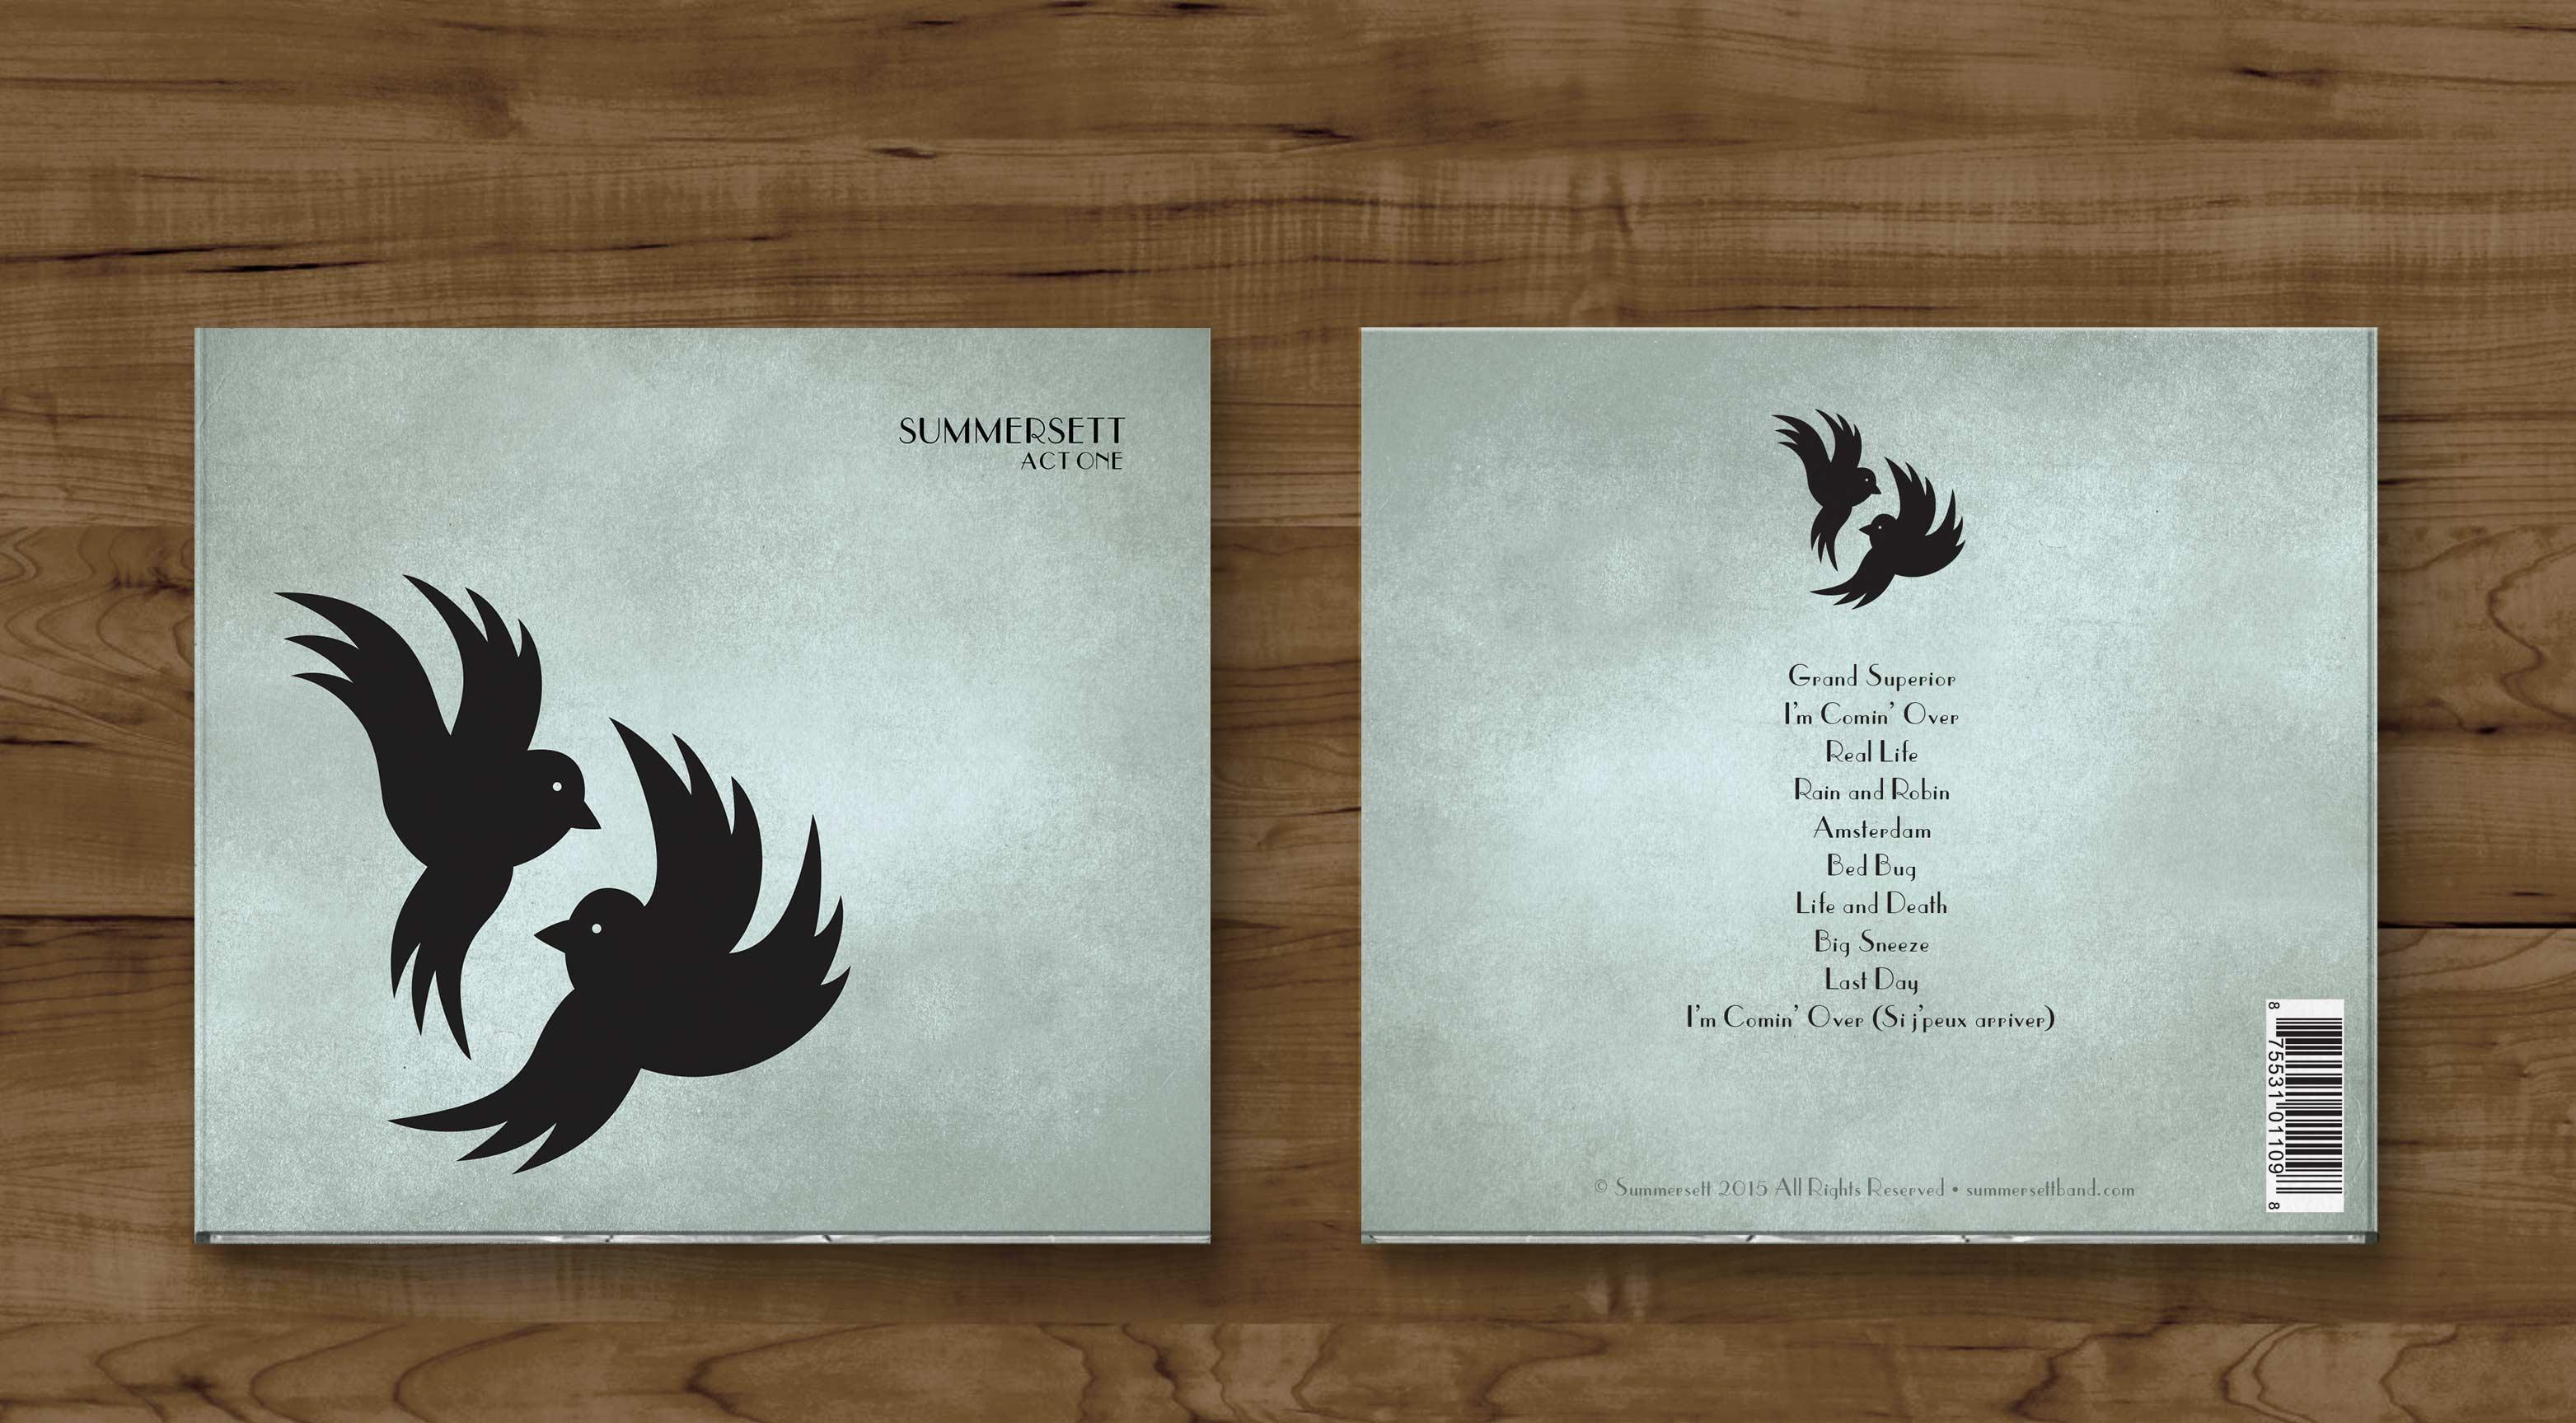 Album cover for Summersett